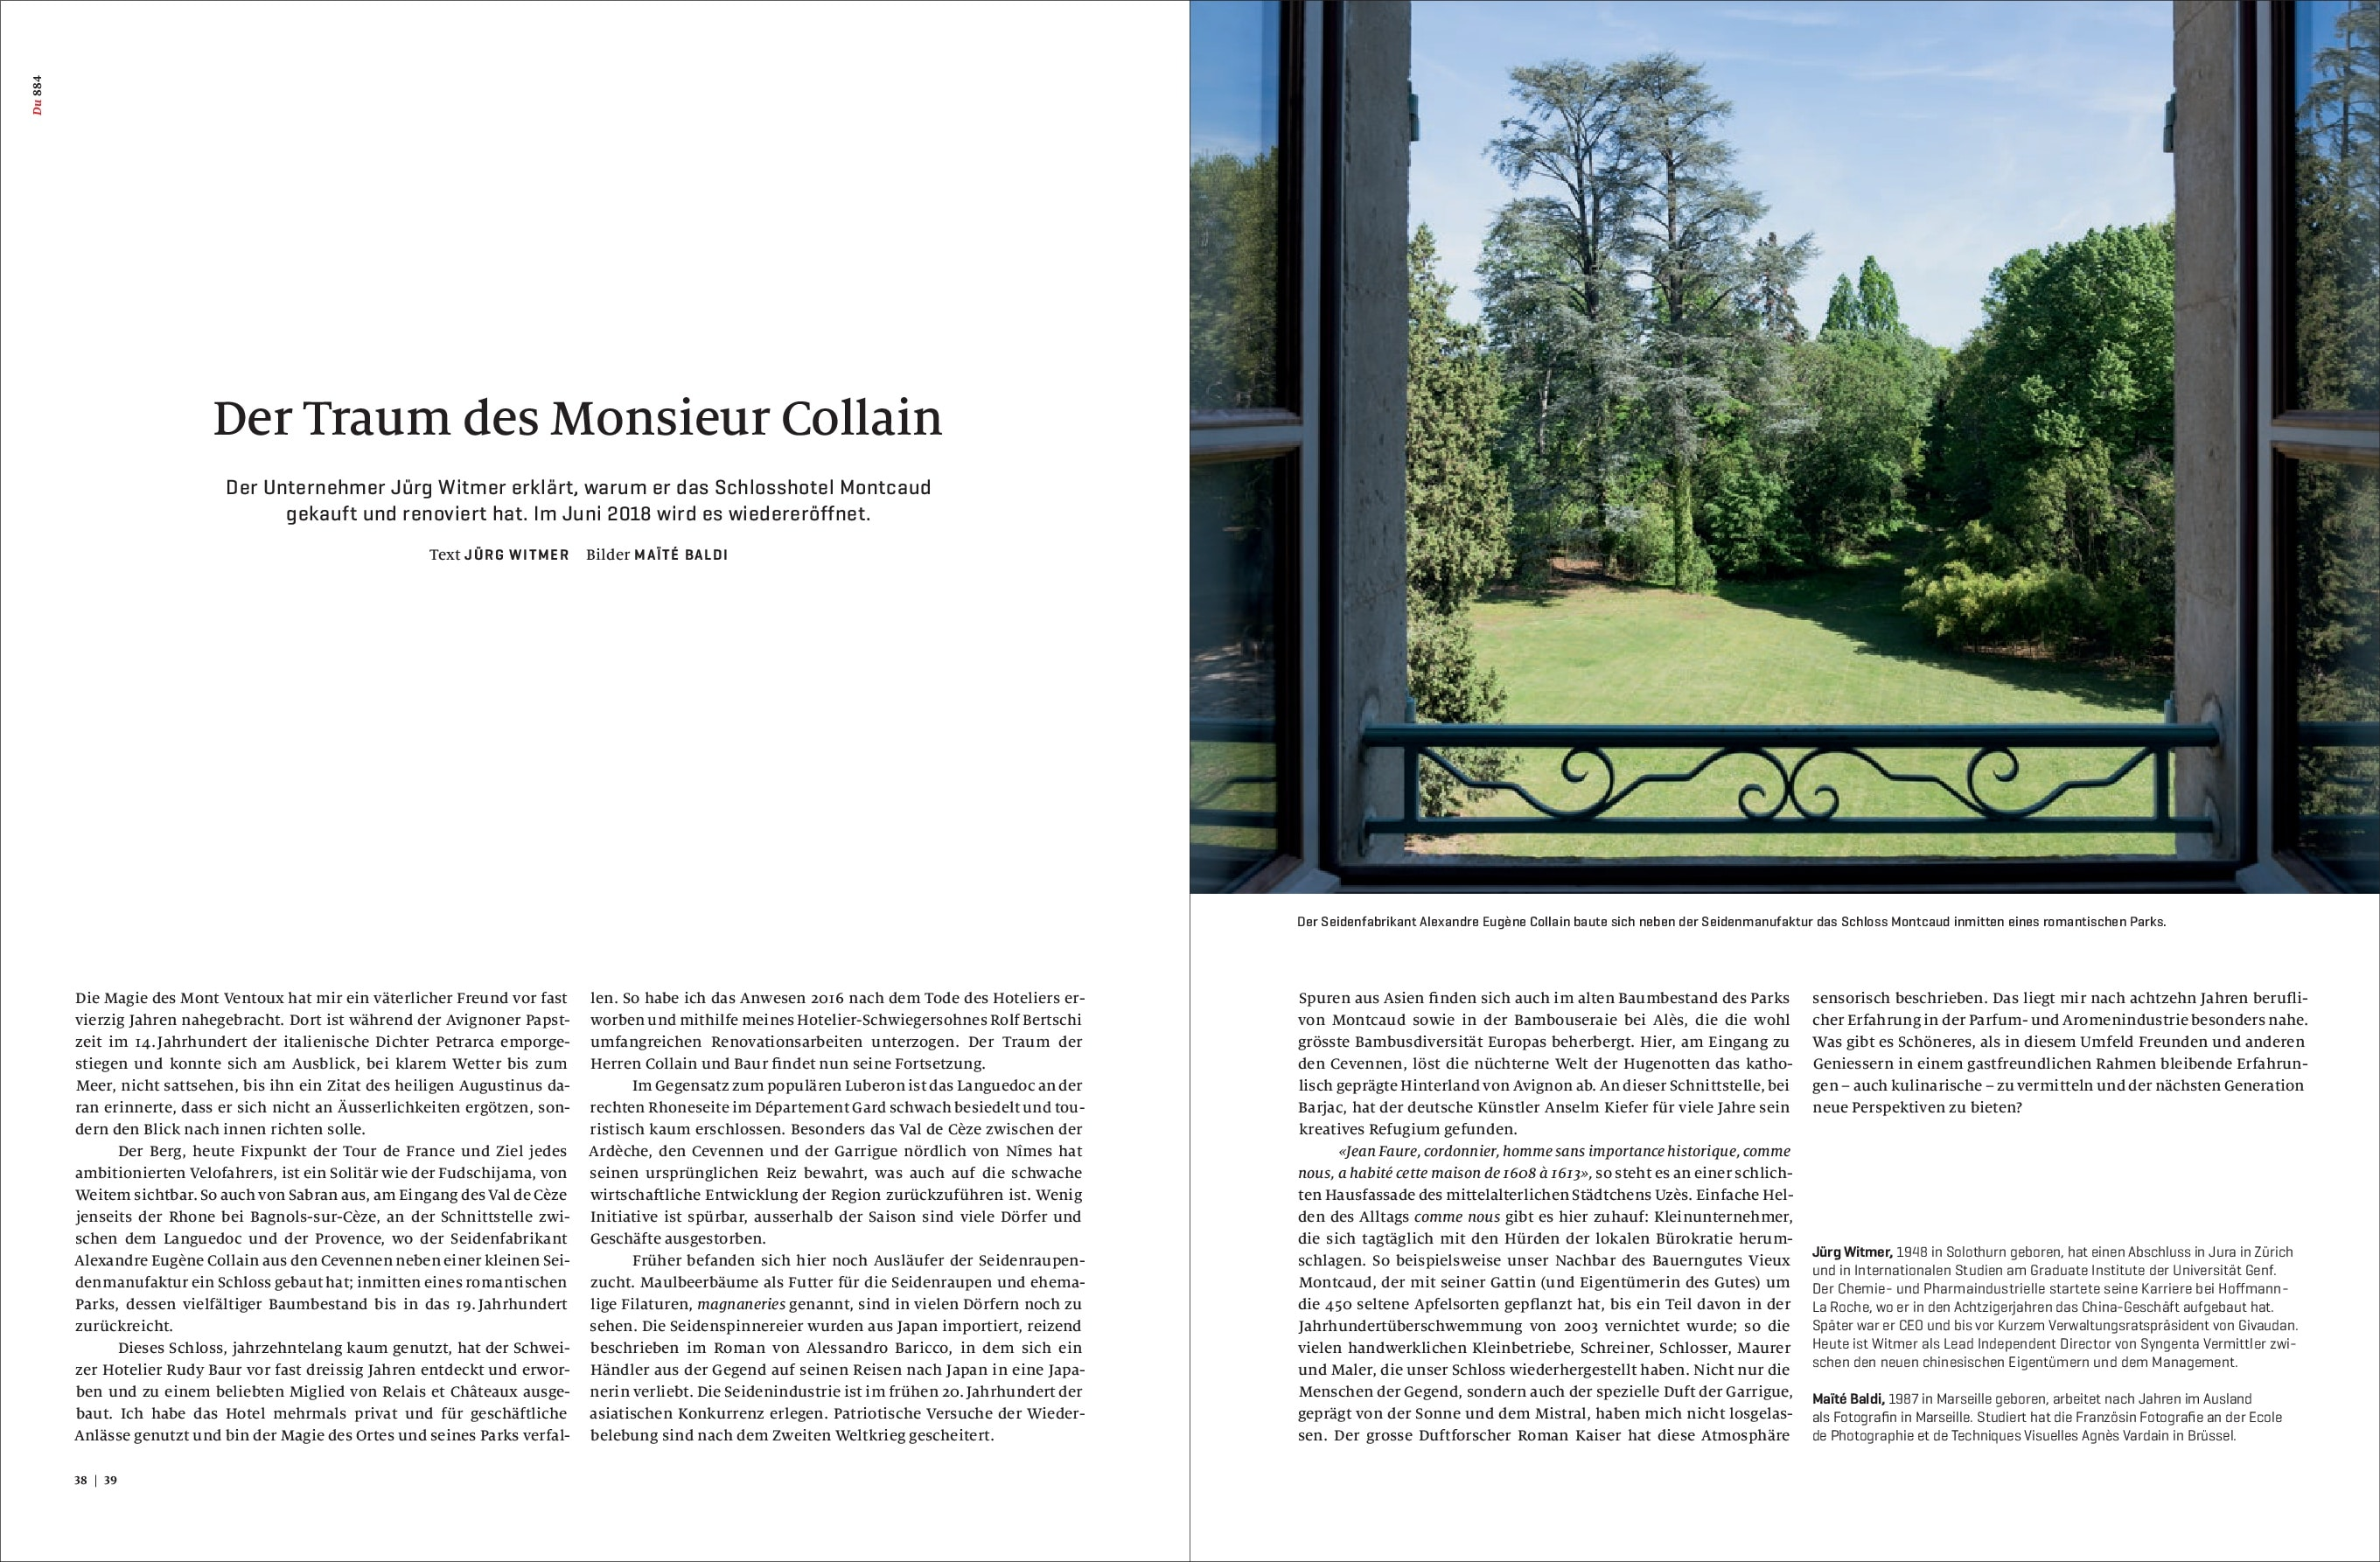 Article sur le rêve de Monsieur Collain et image du vue d'une chambre du Château de Montcaud sur le parc